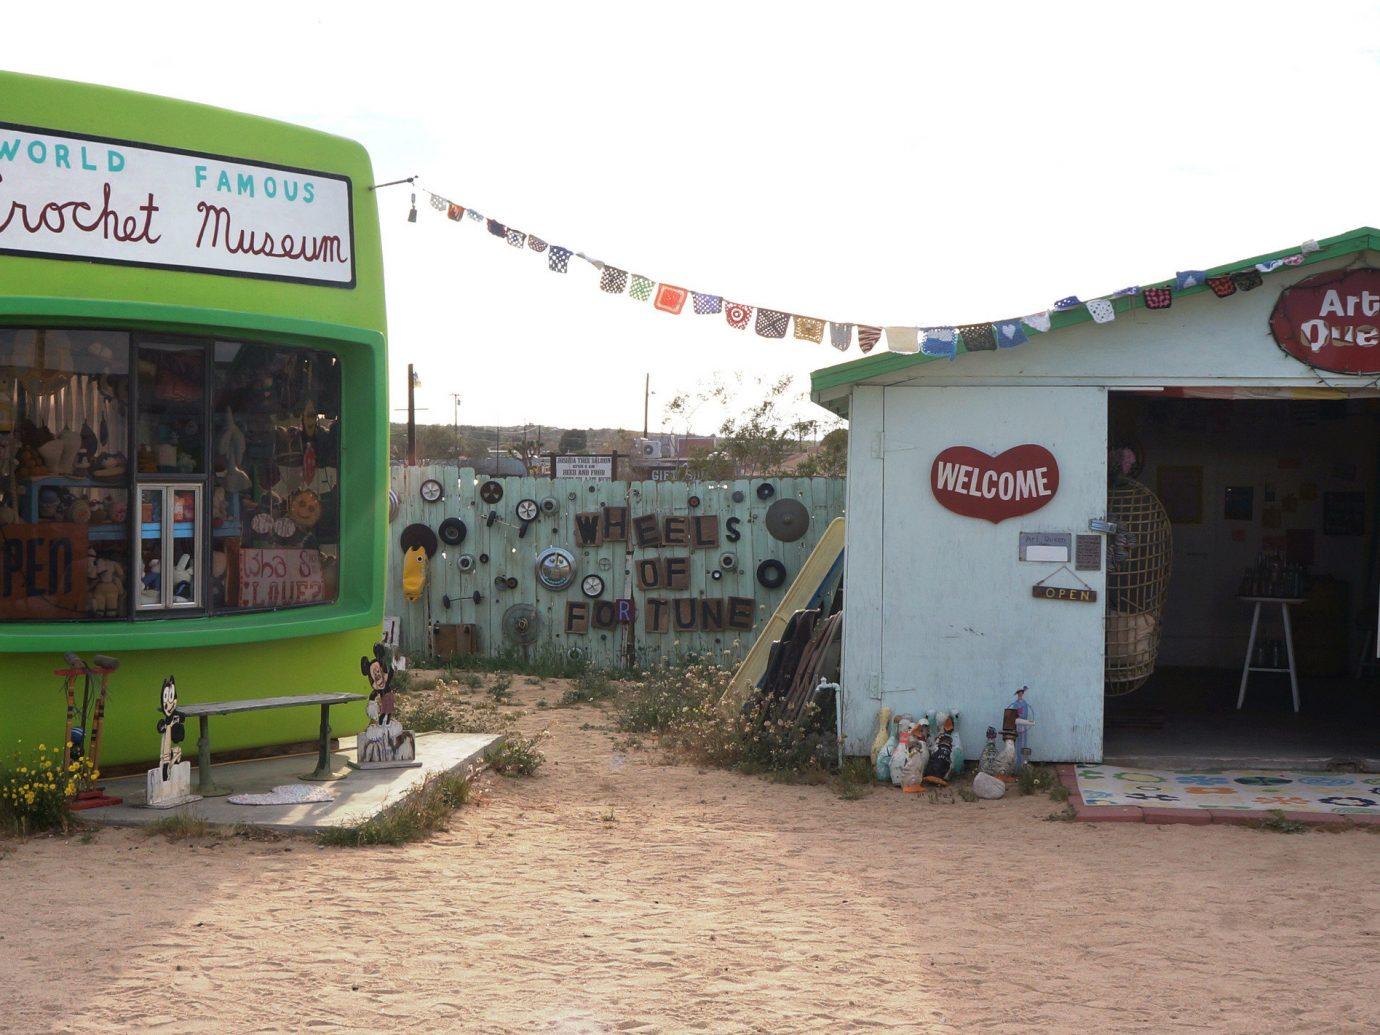 The World Famous Crochet Museum in the Mojave Desert